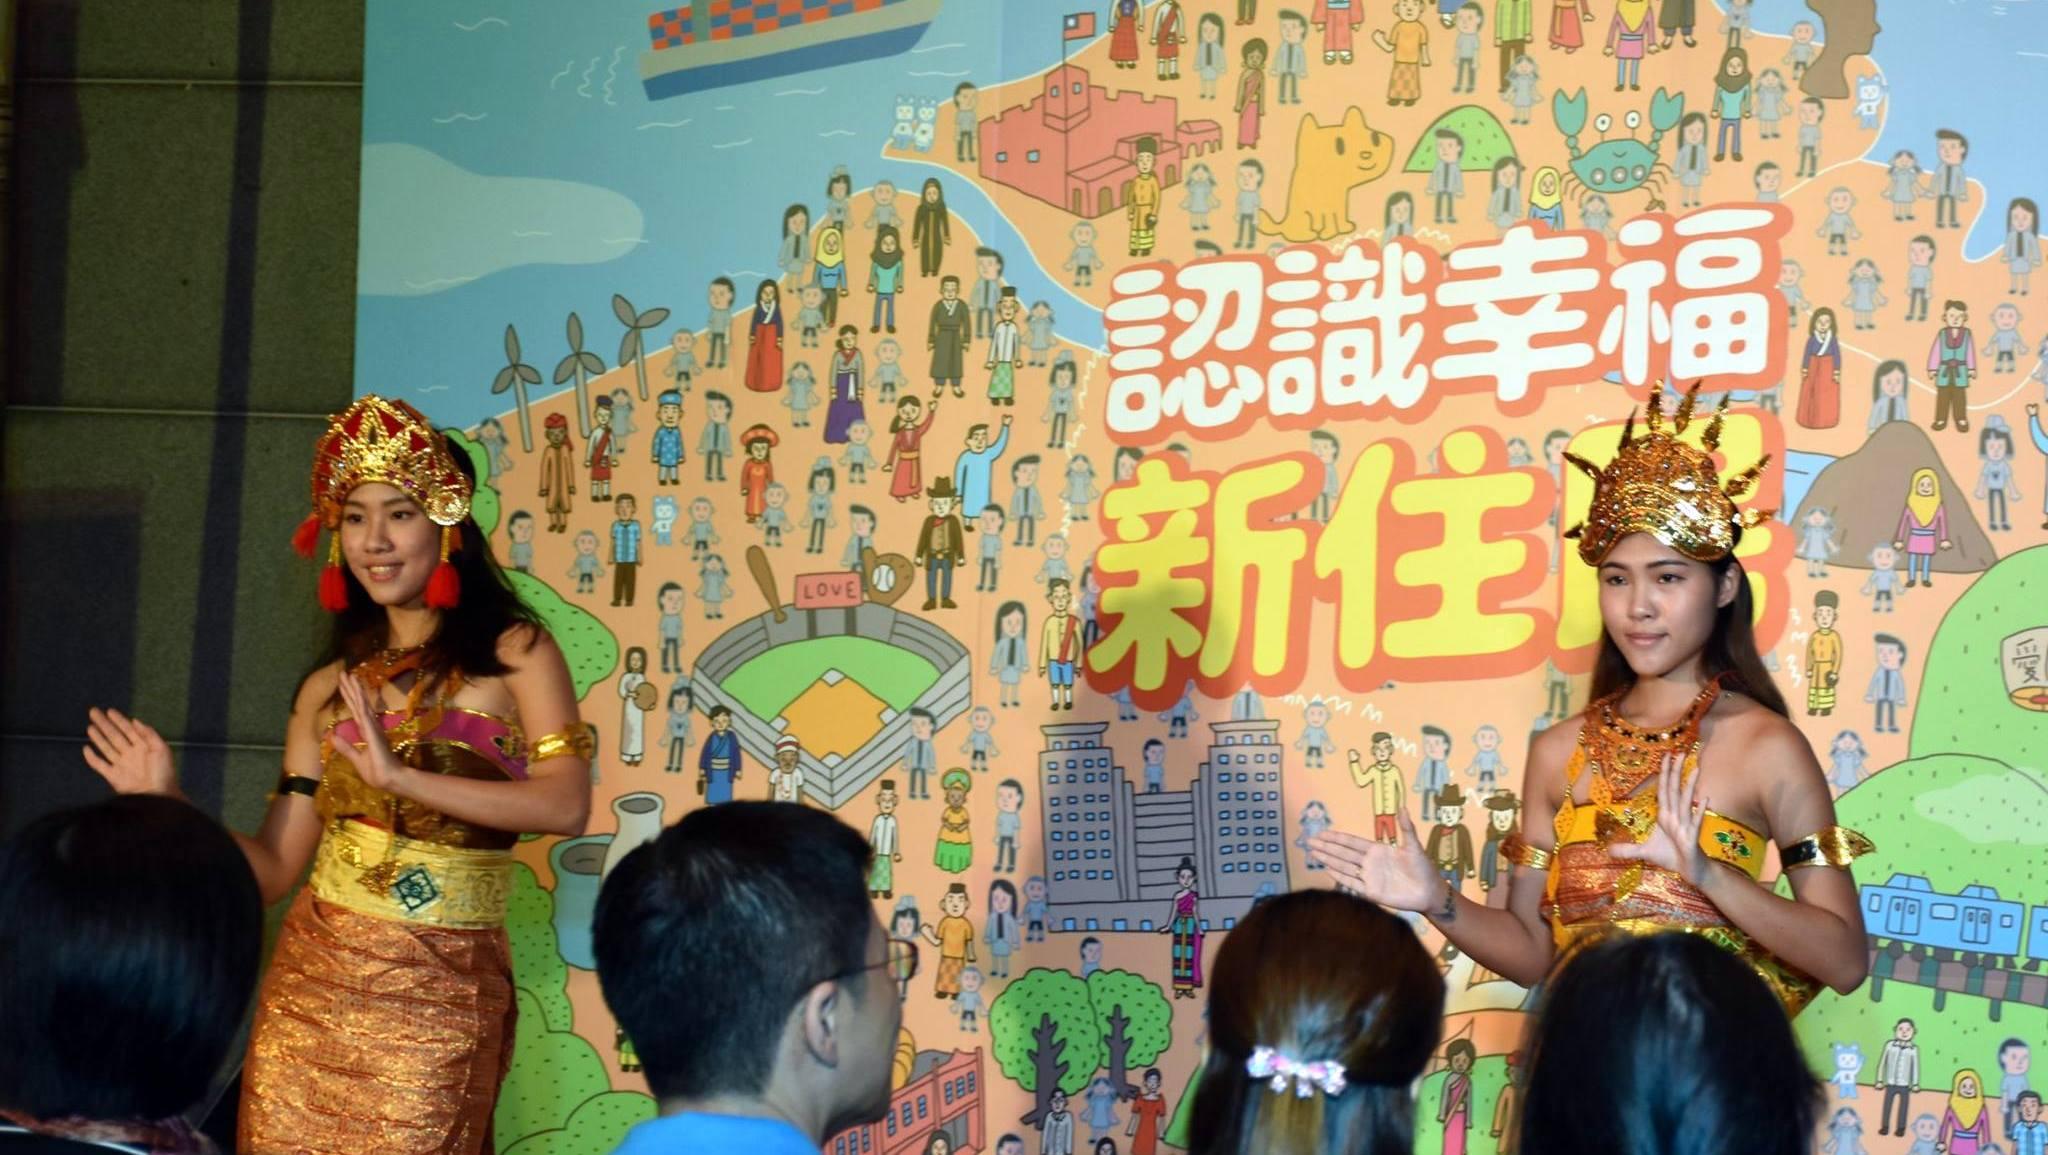 Indonesia: 印尼傳統舞蹈